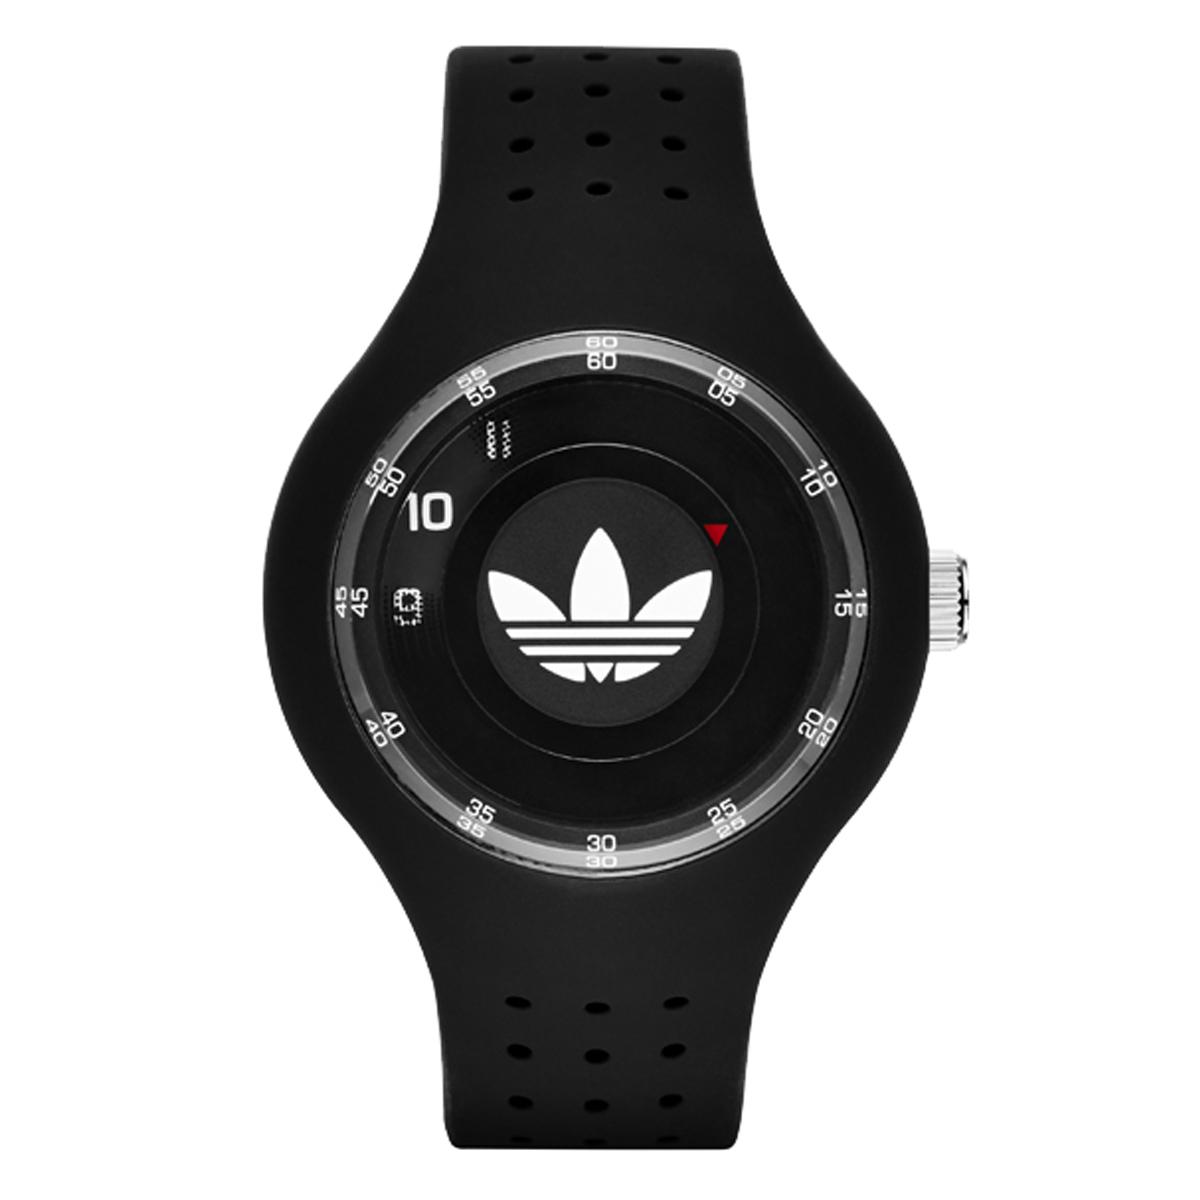 นาฬิกาผู้ชาย Adidas รุ่น ADH3059